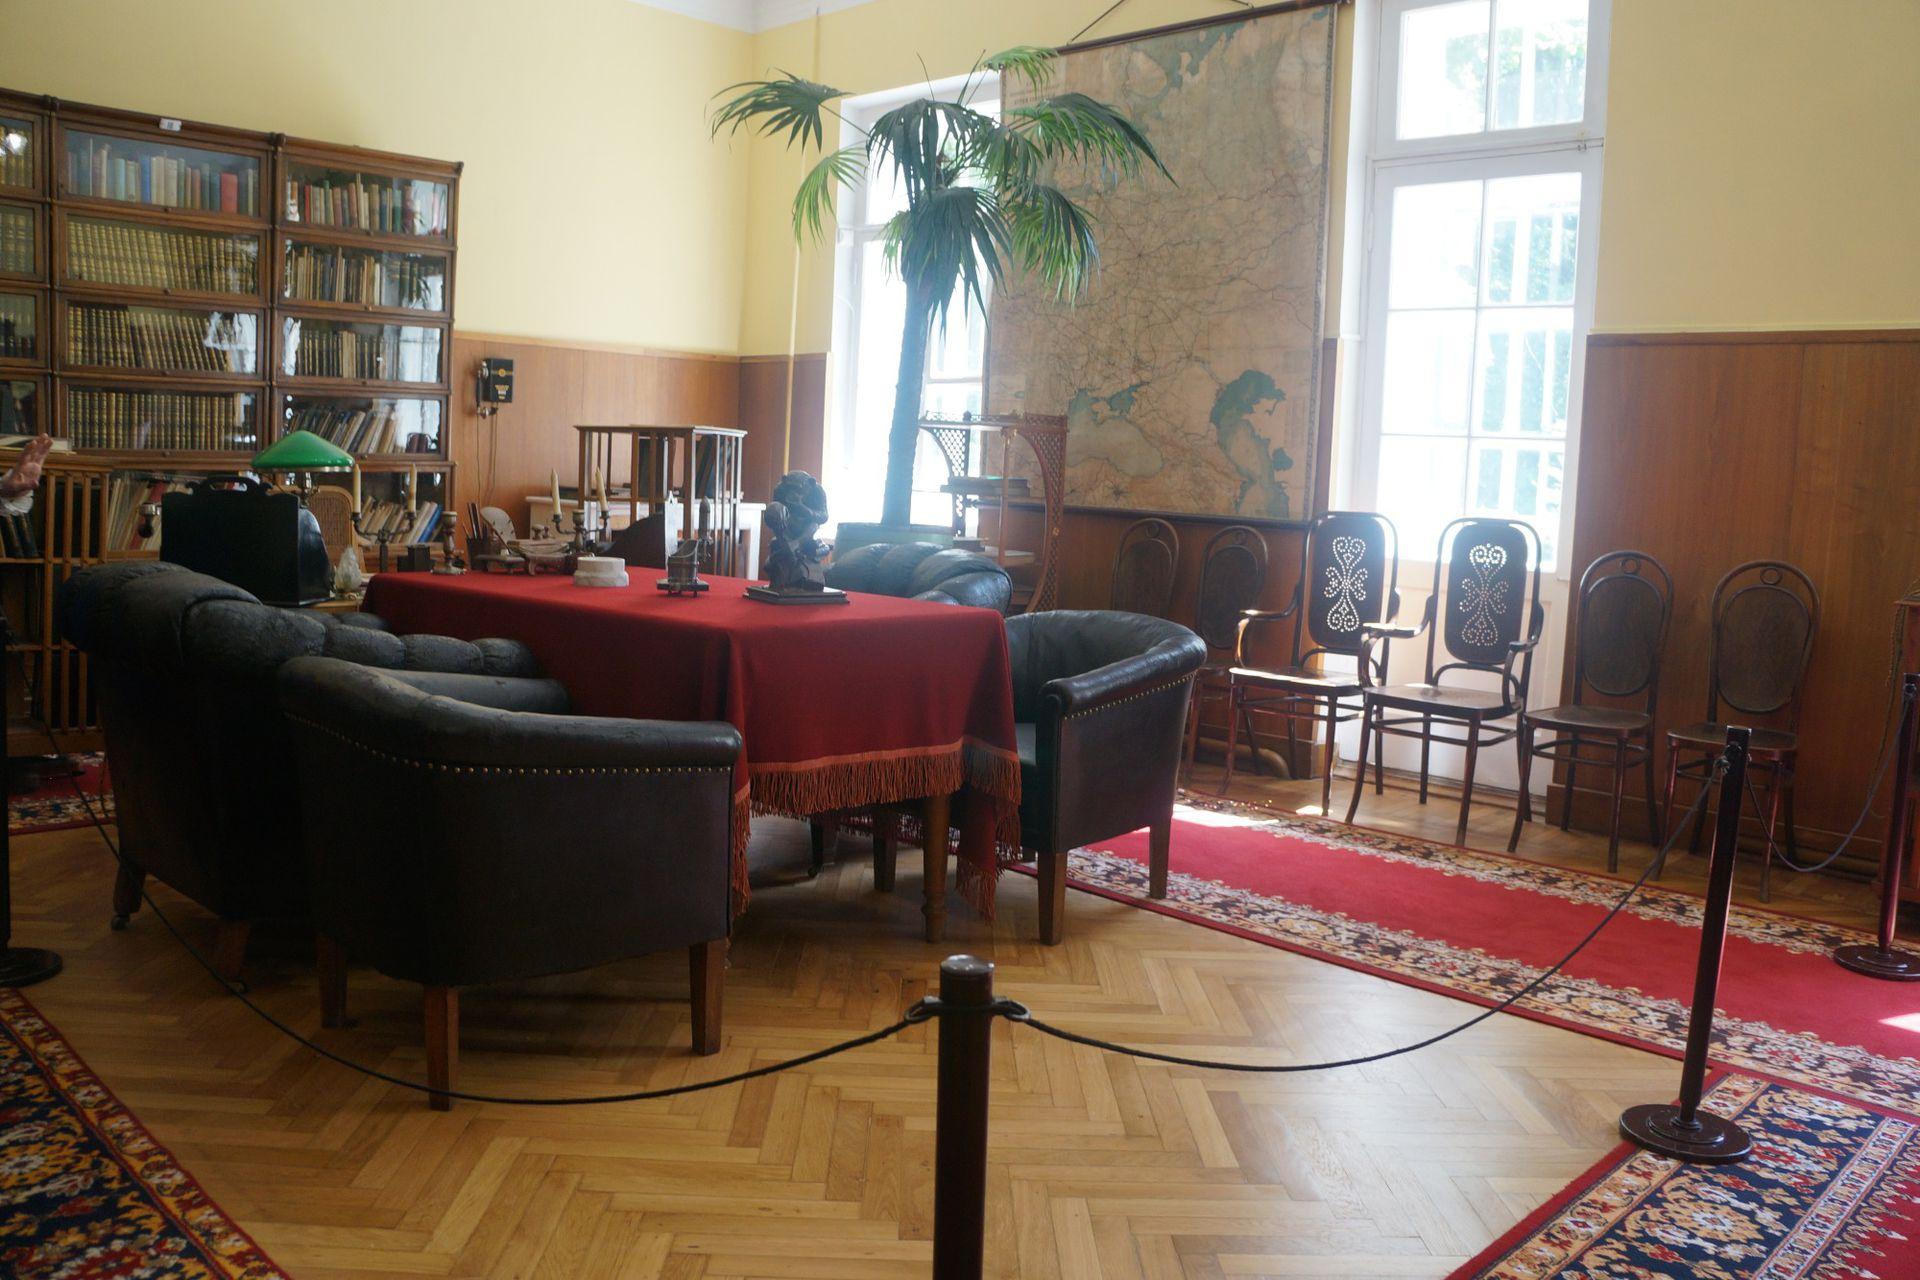 Uno de los ambientes en los que Lenin tenía reuniones informales